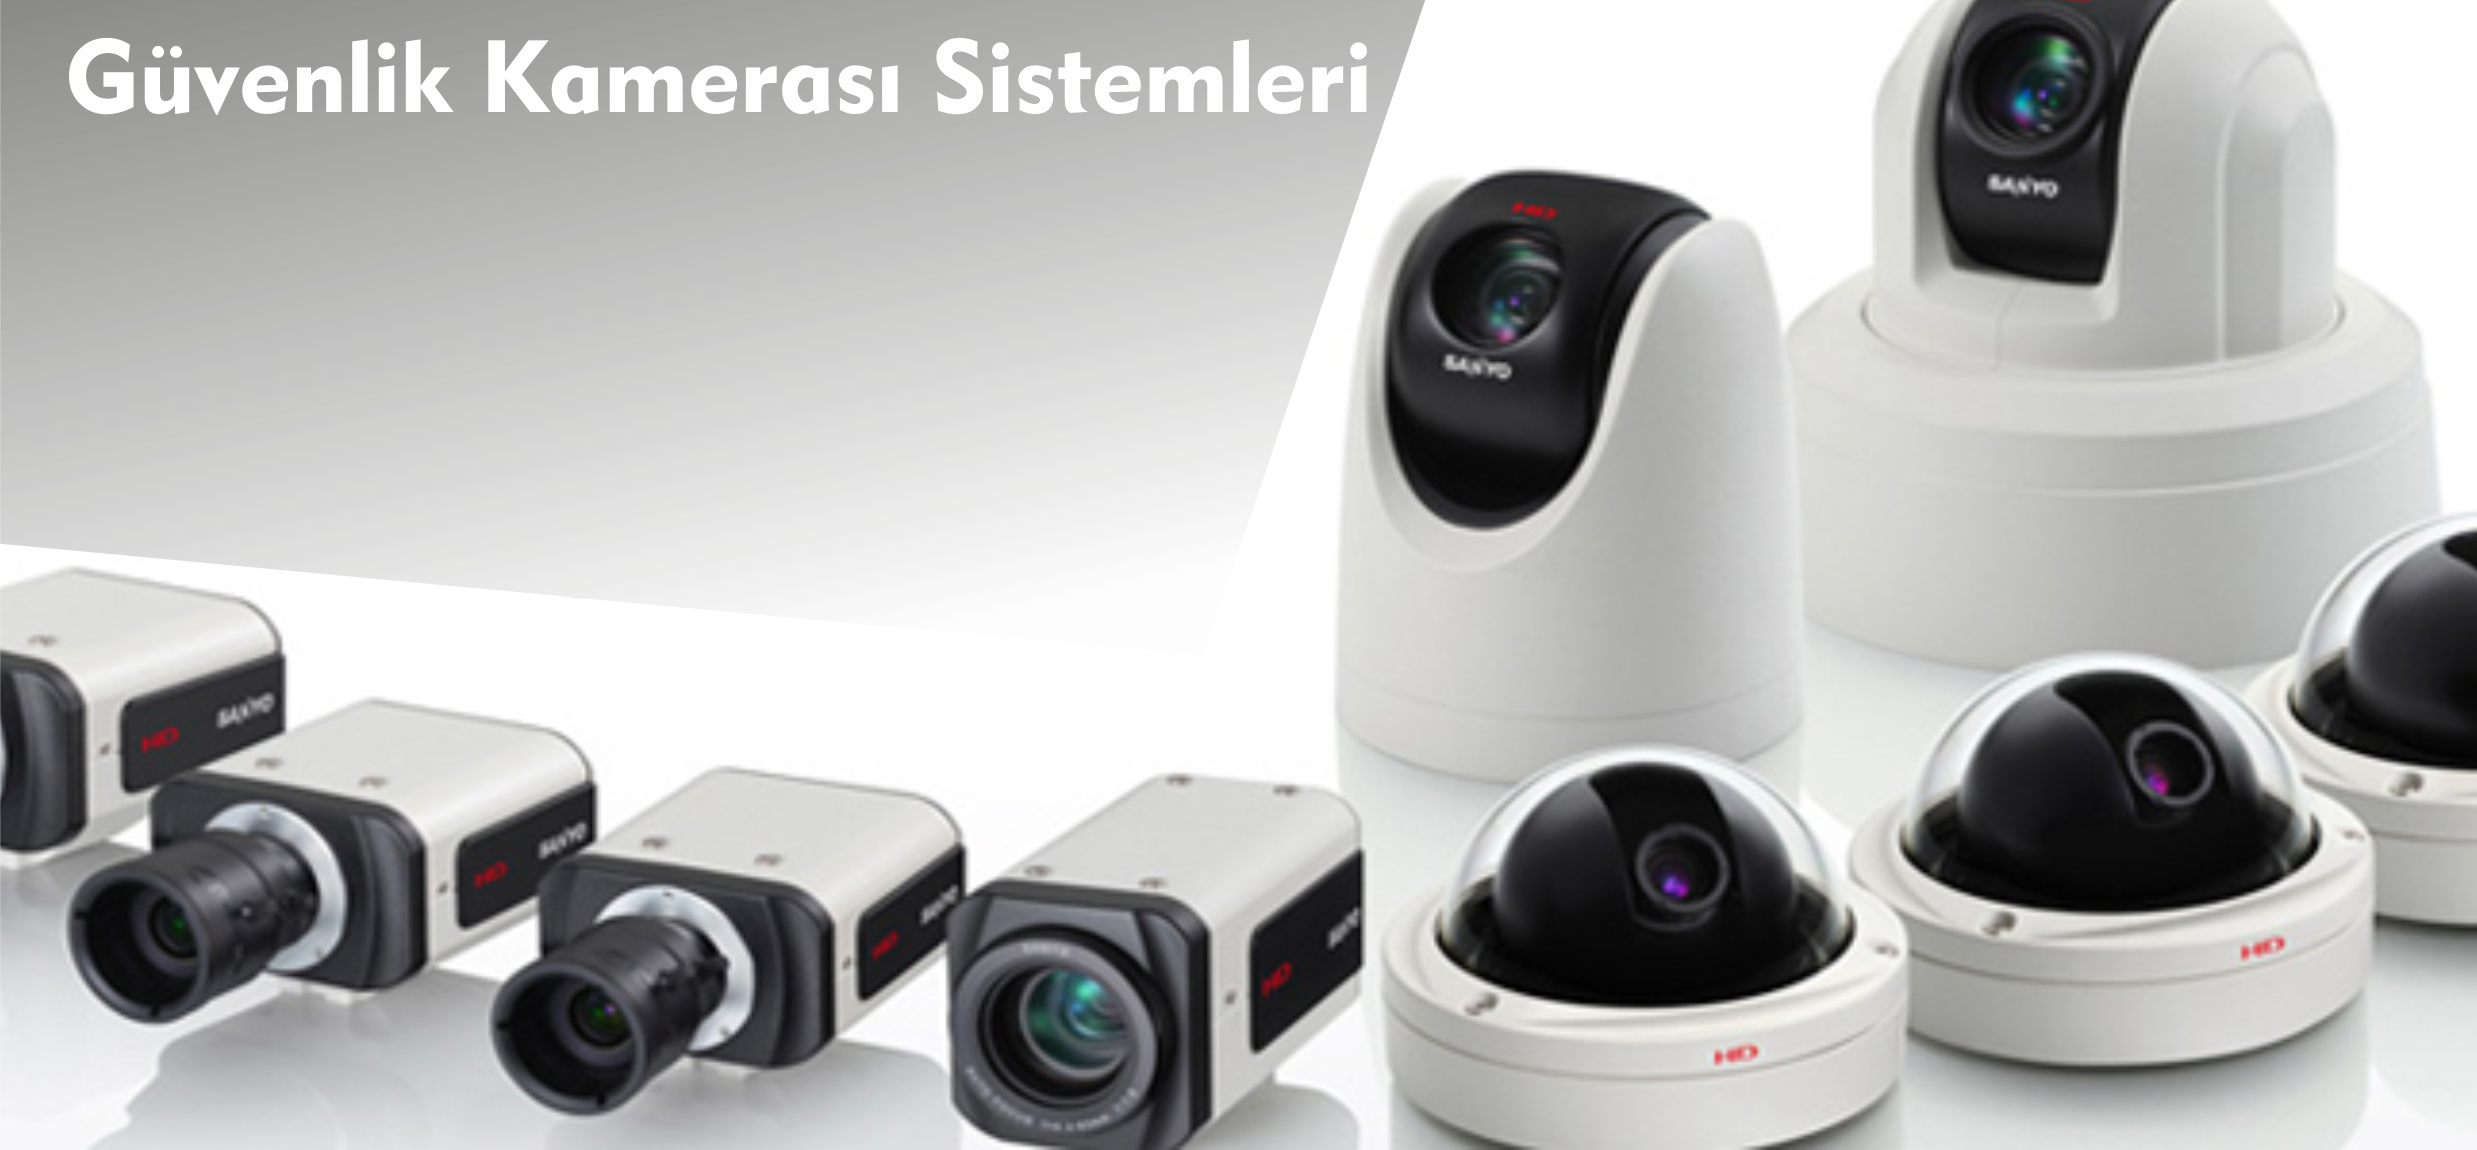 Güvenlik Kamerası Sistemleri